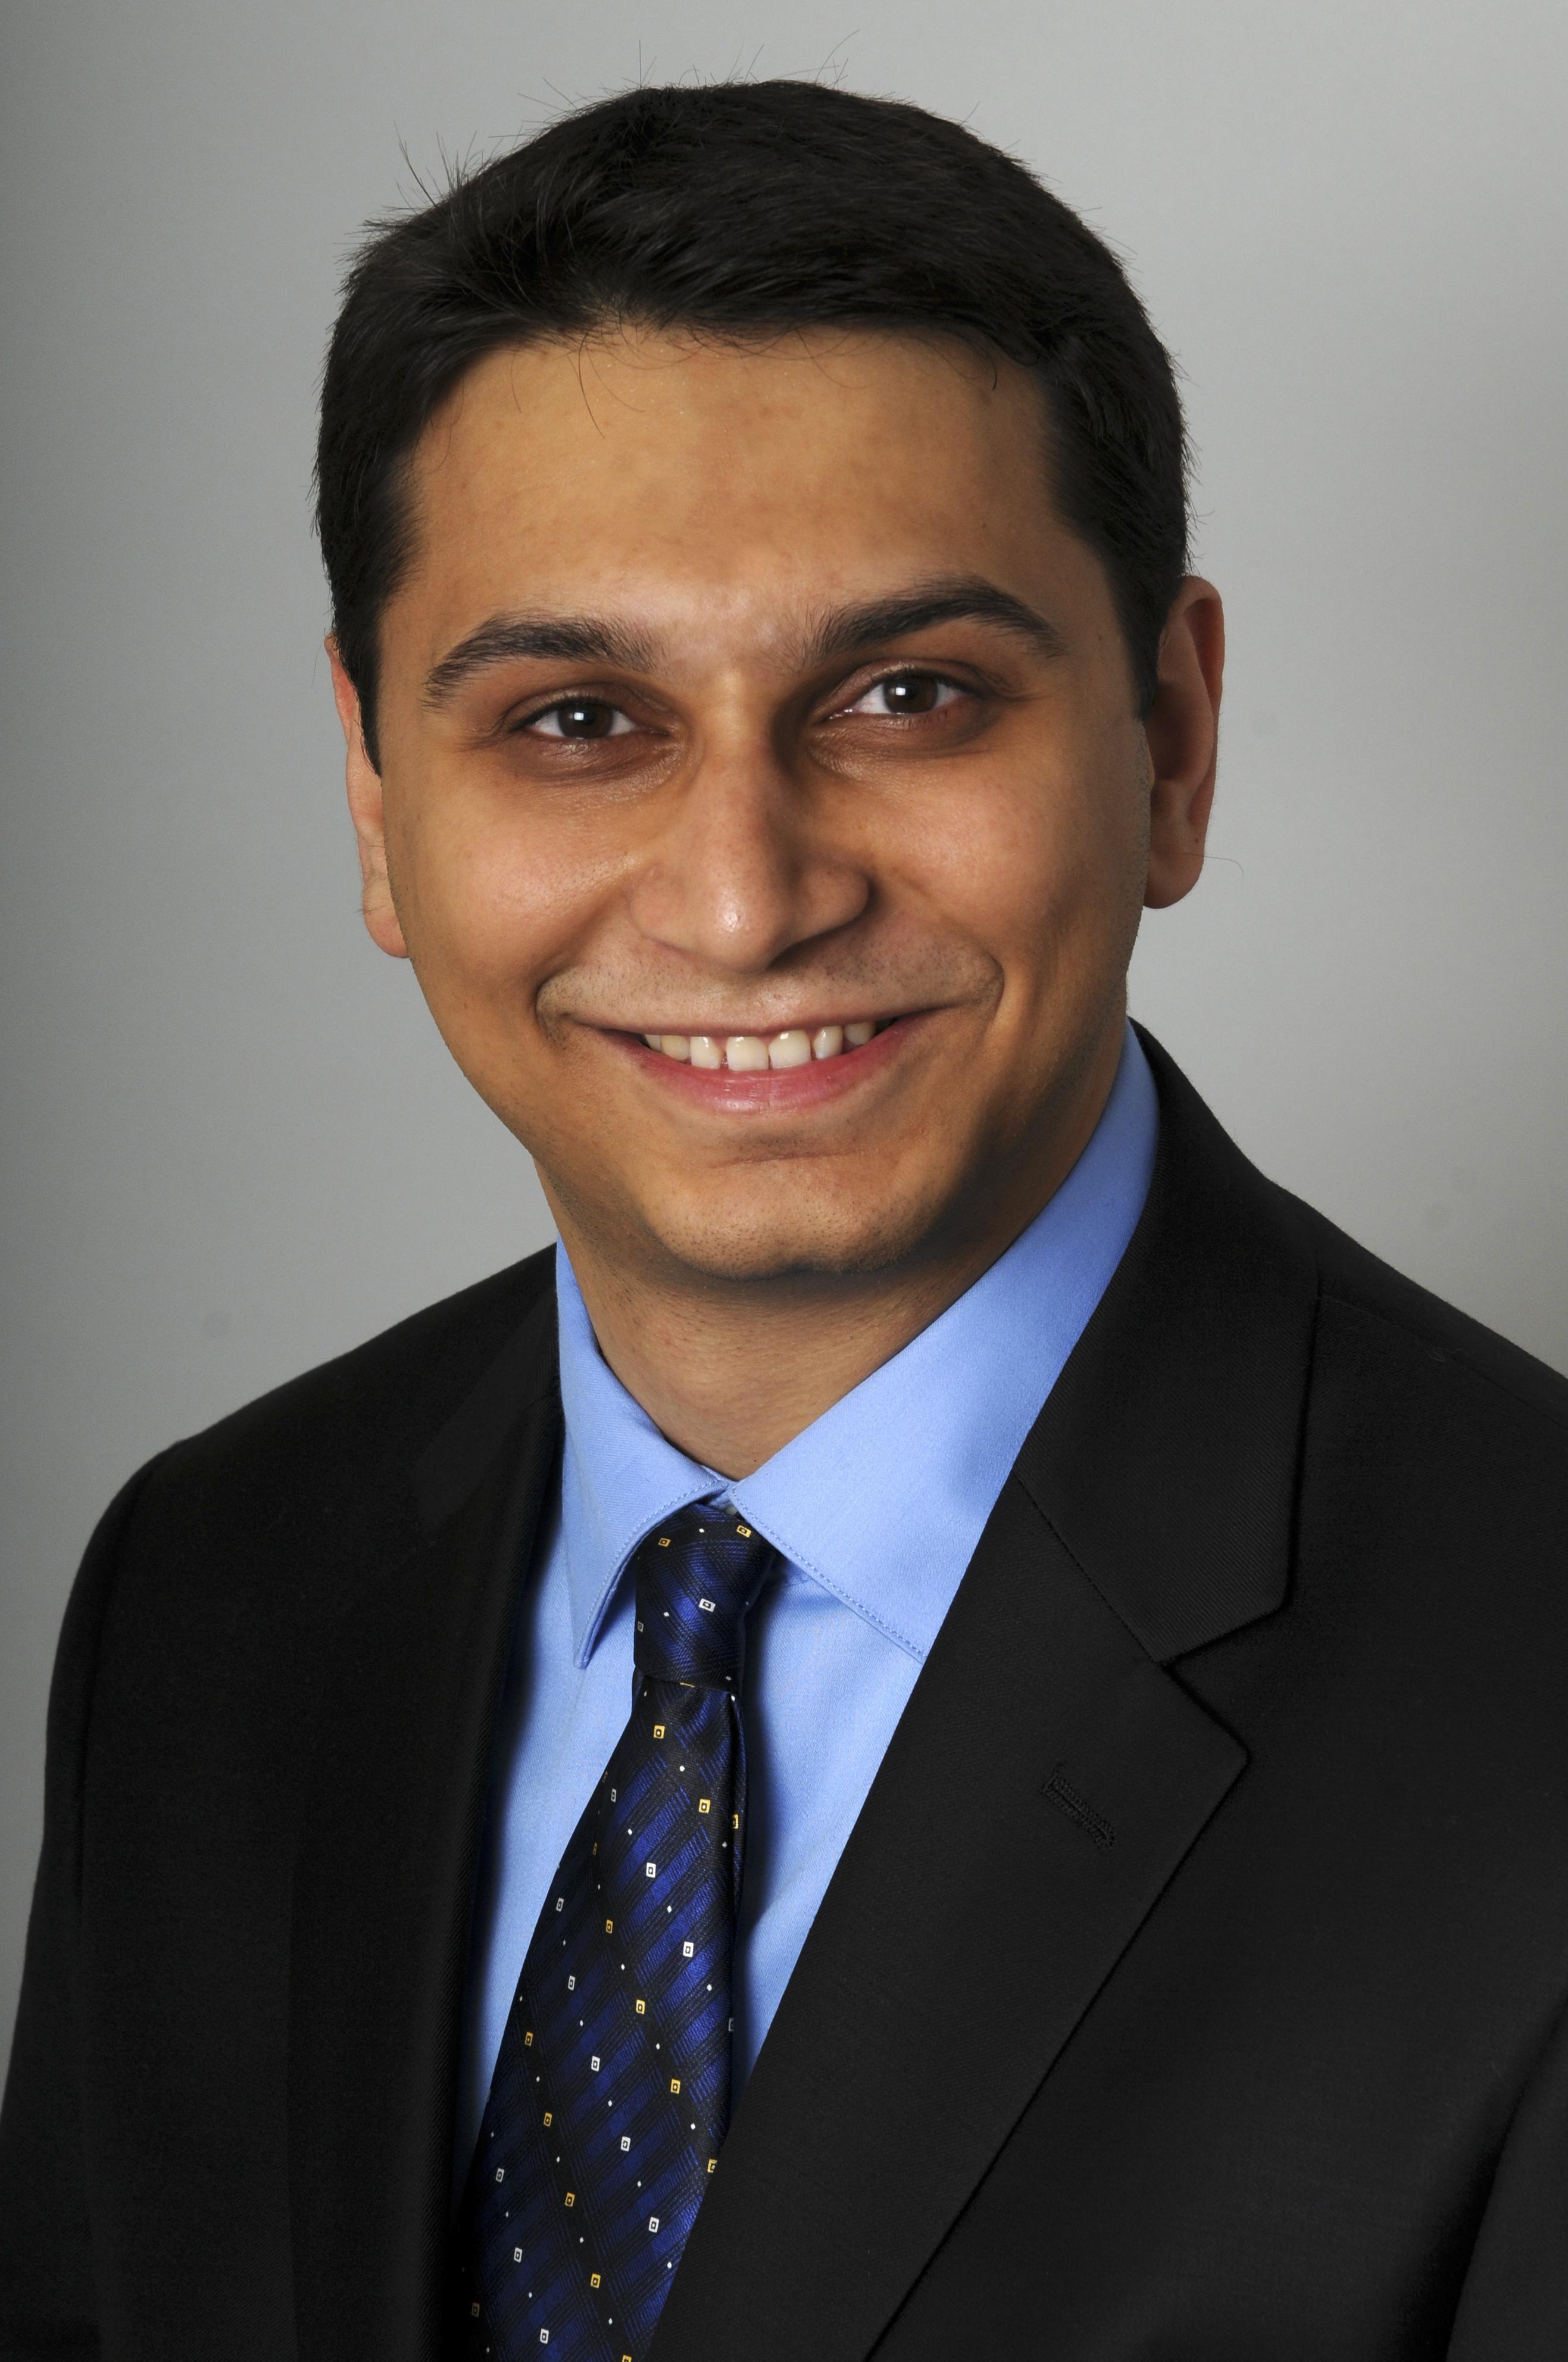 Sanjay Patnaik at the HBS campus in Boston April 19, 2011Photographer: Neal Hamberg